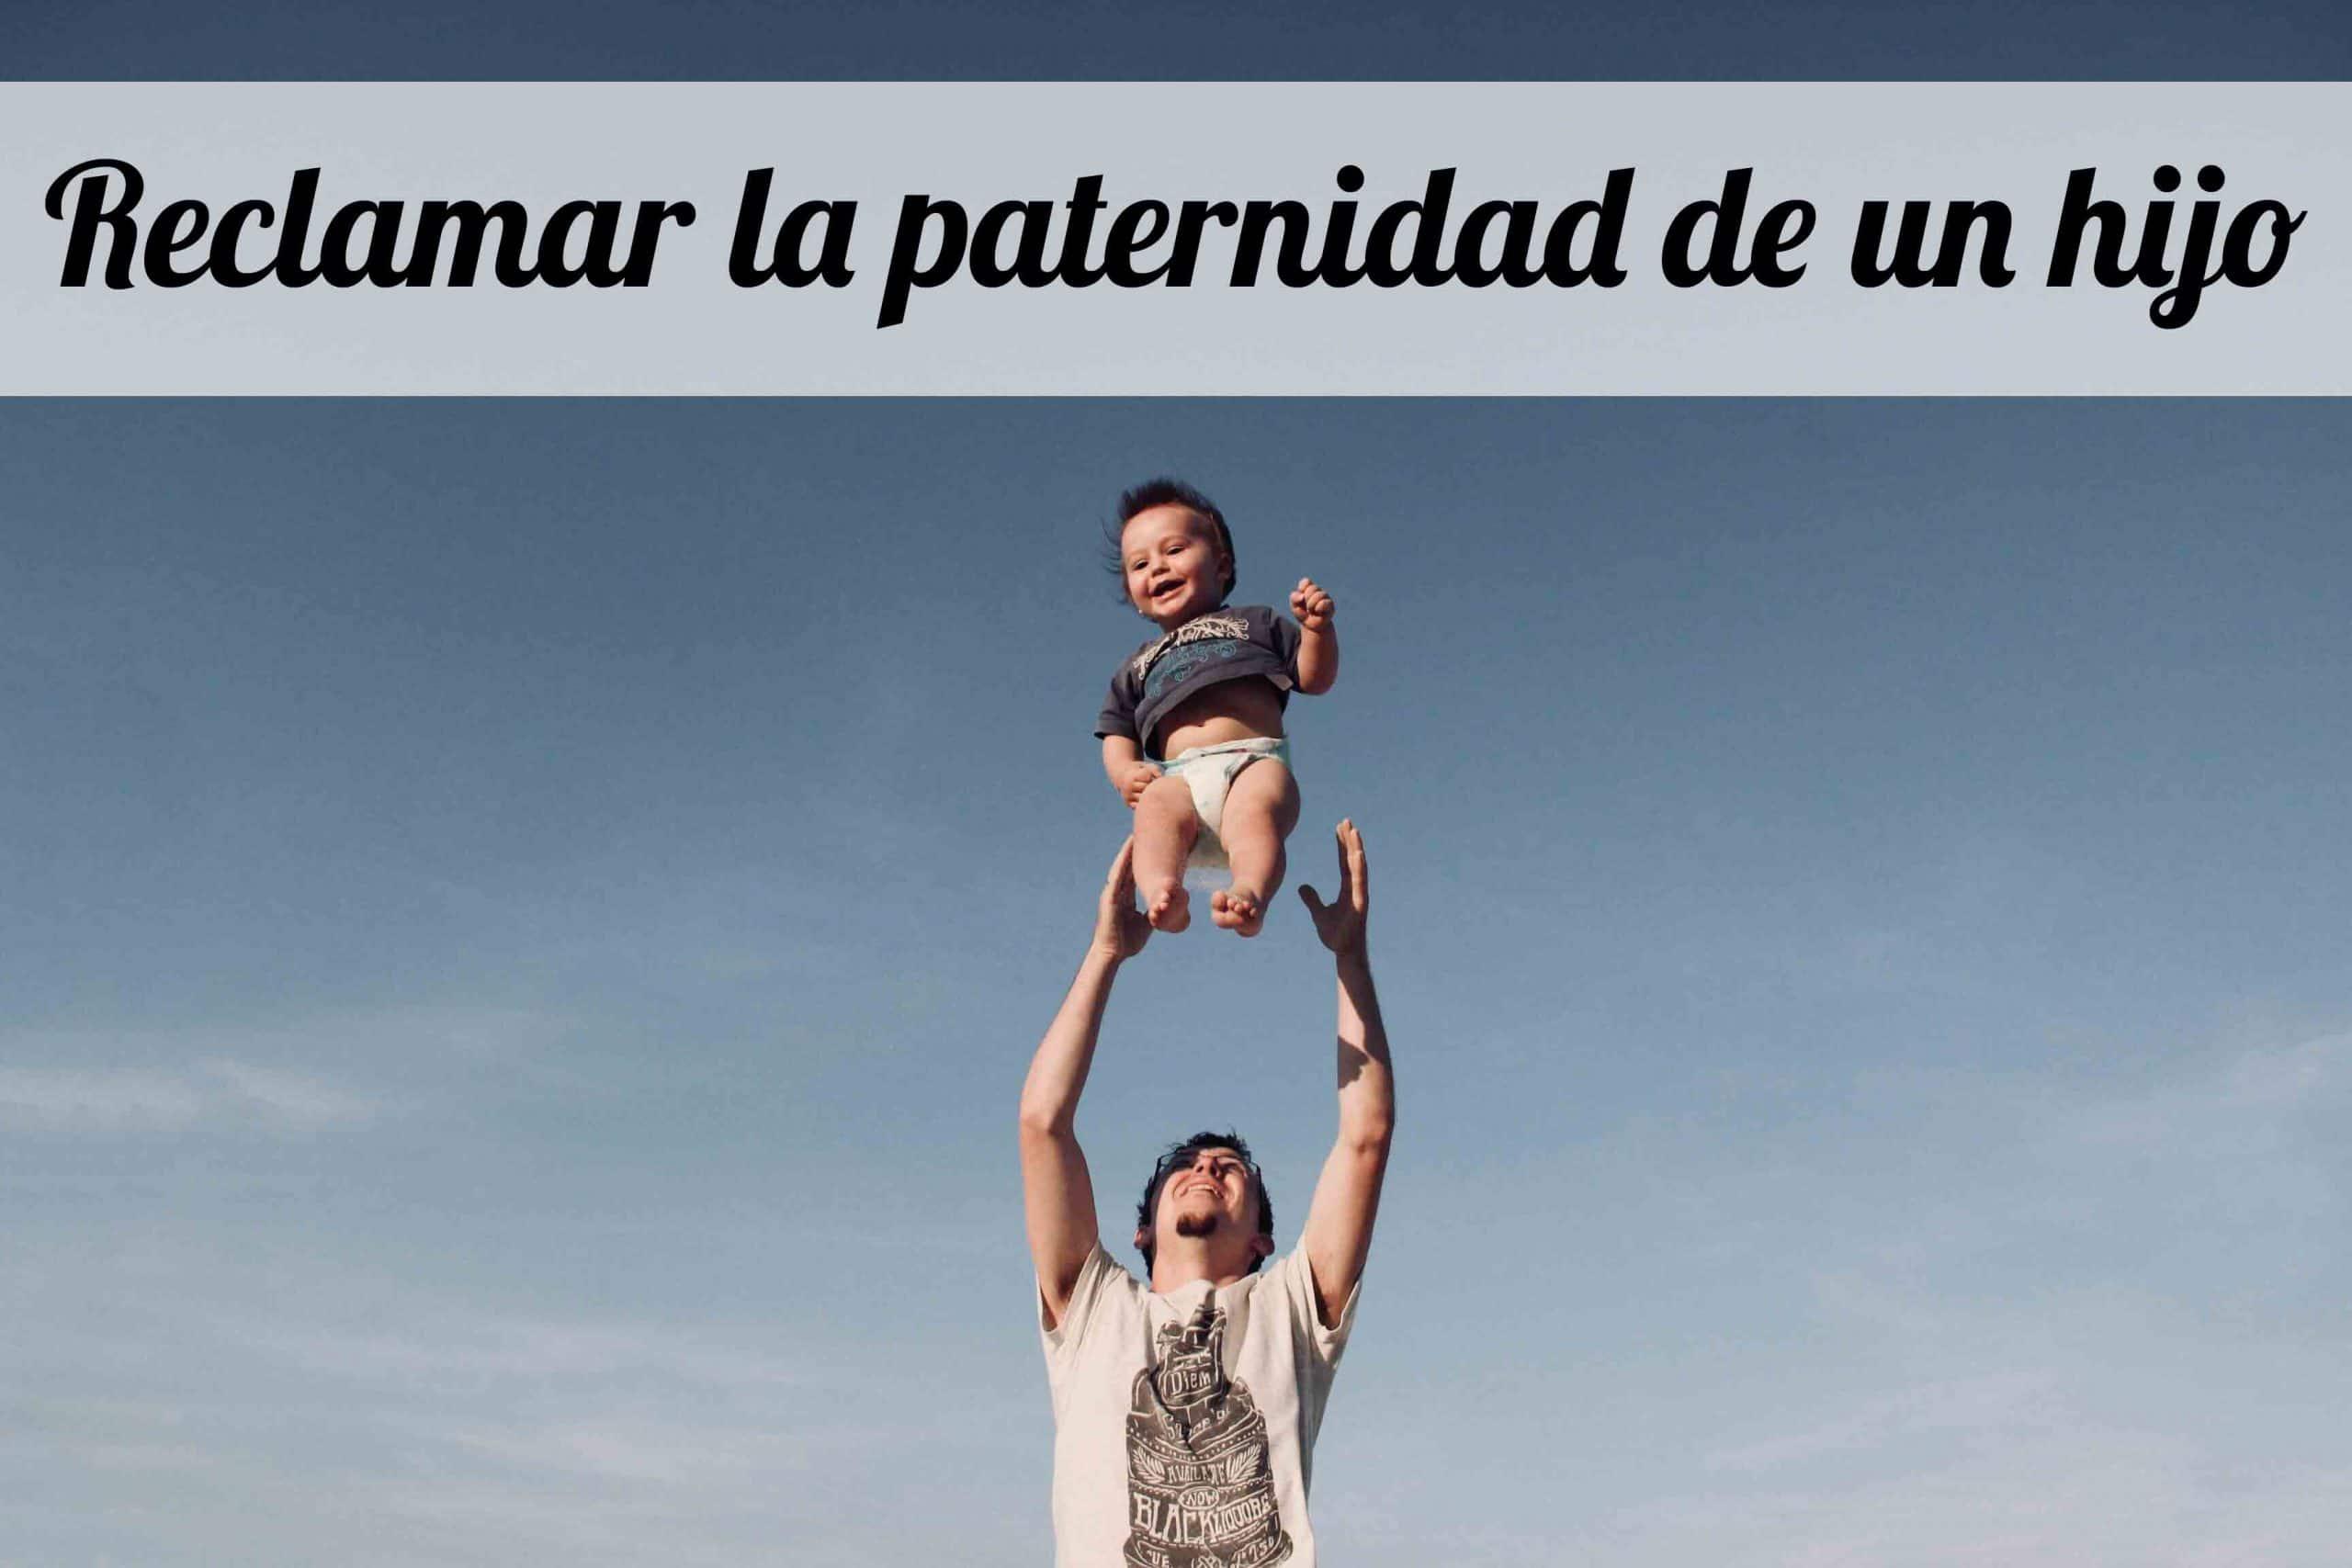 Reclamar la paternidad de un hijo